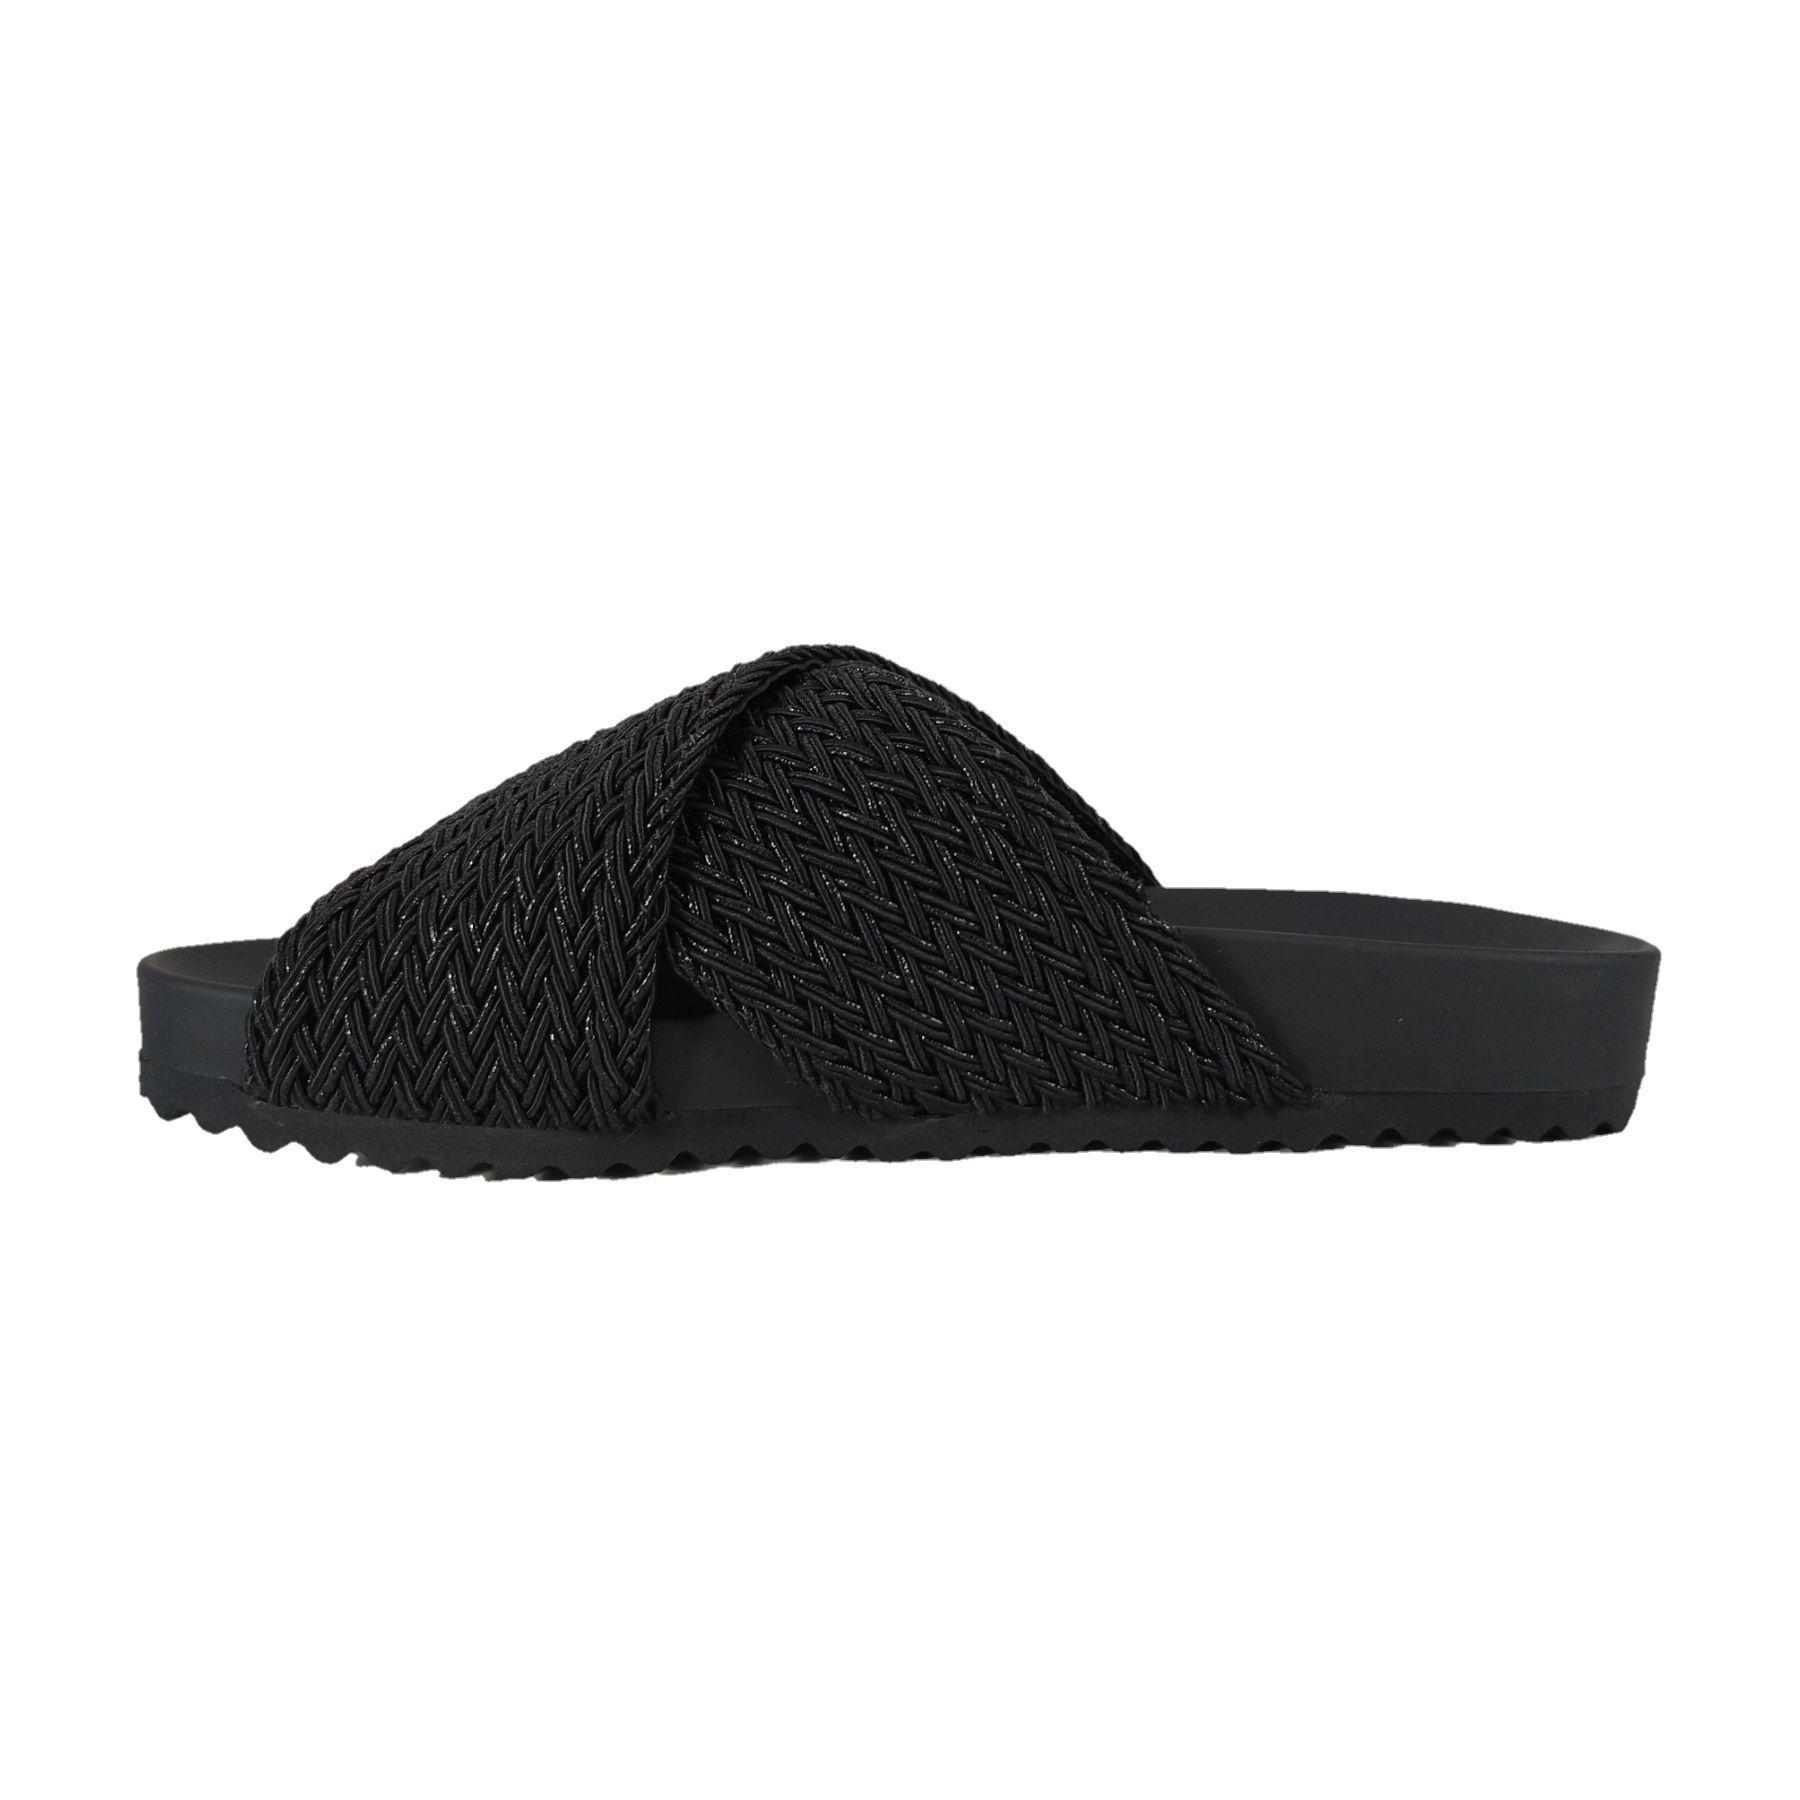 Chinelo Tiras SapatoWeb Tranças Preto  - SAPATOWEB.COM